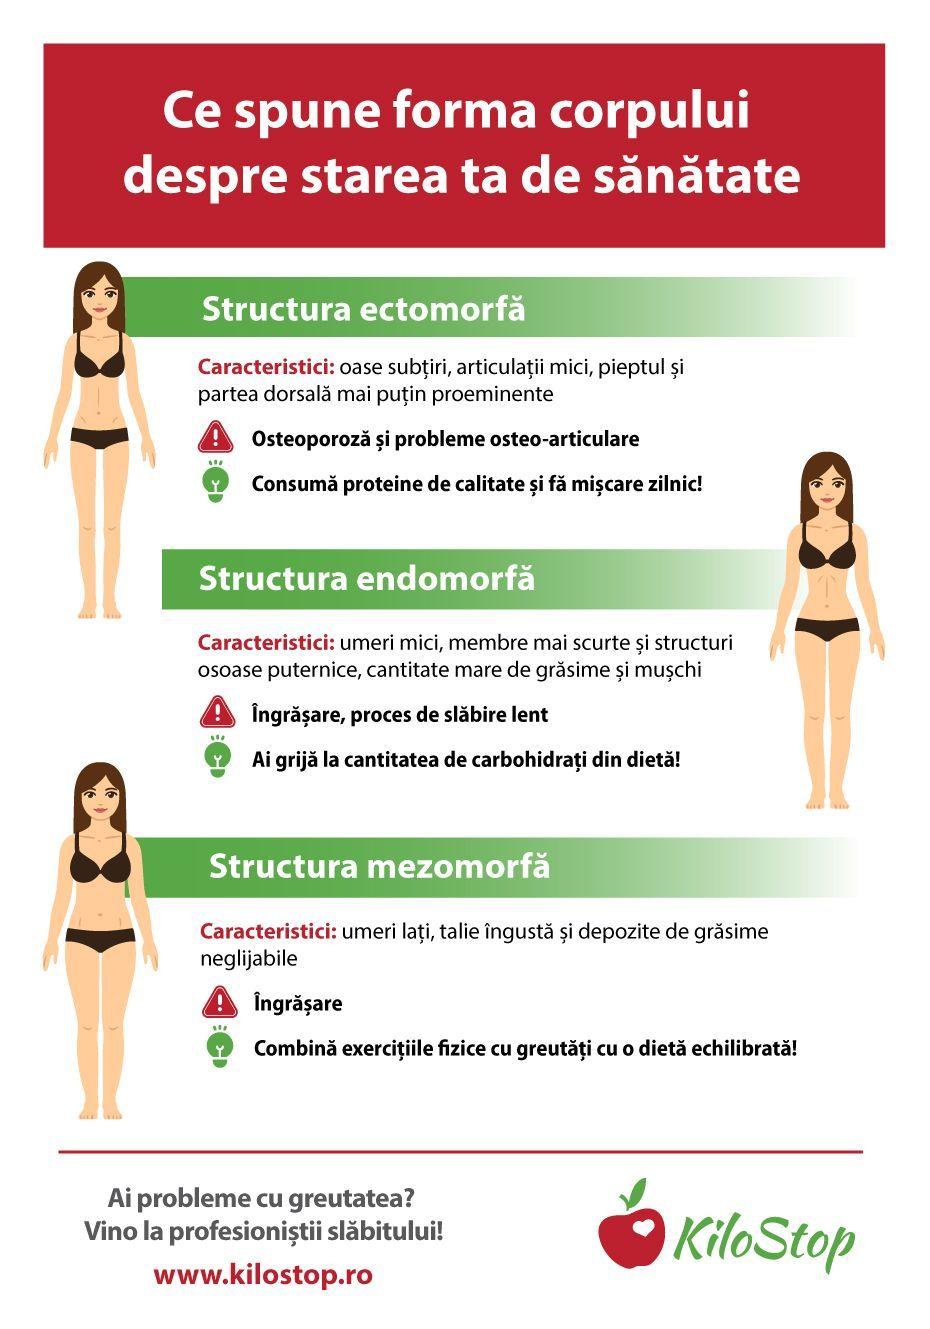 corp pentru pierderea în greutate pe viață pe săptămână)